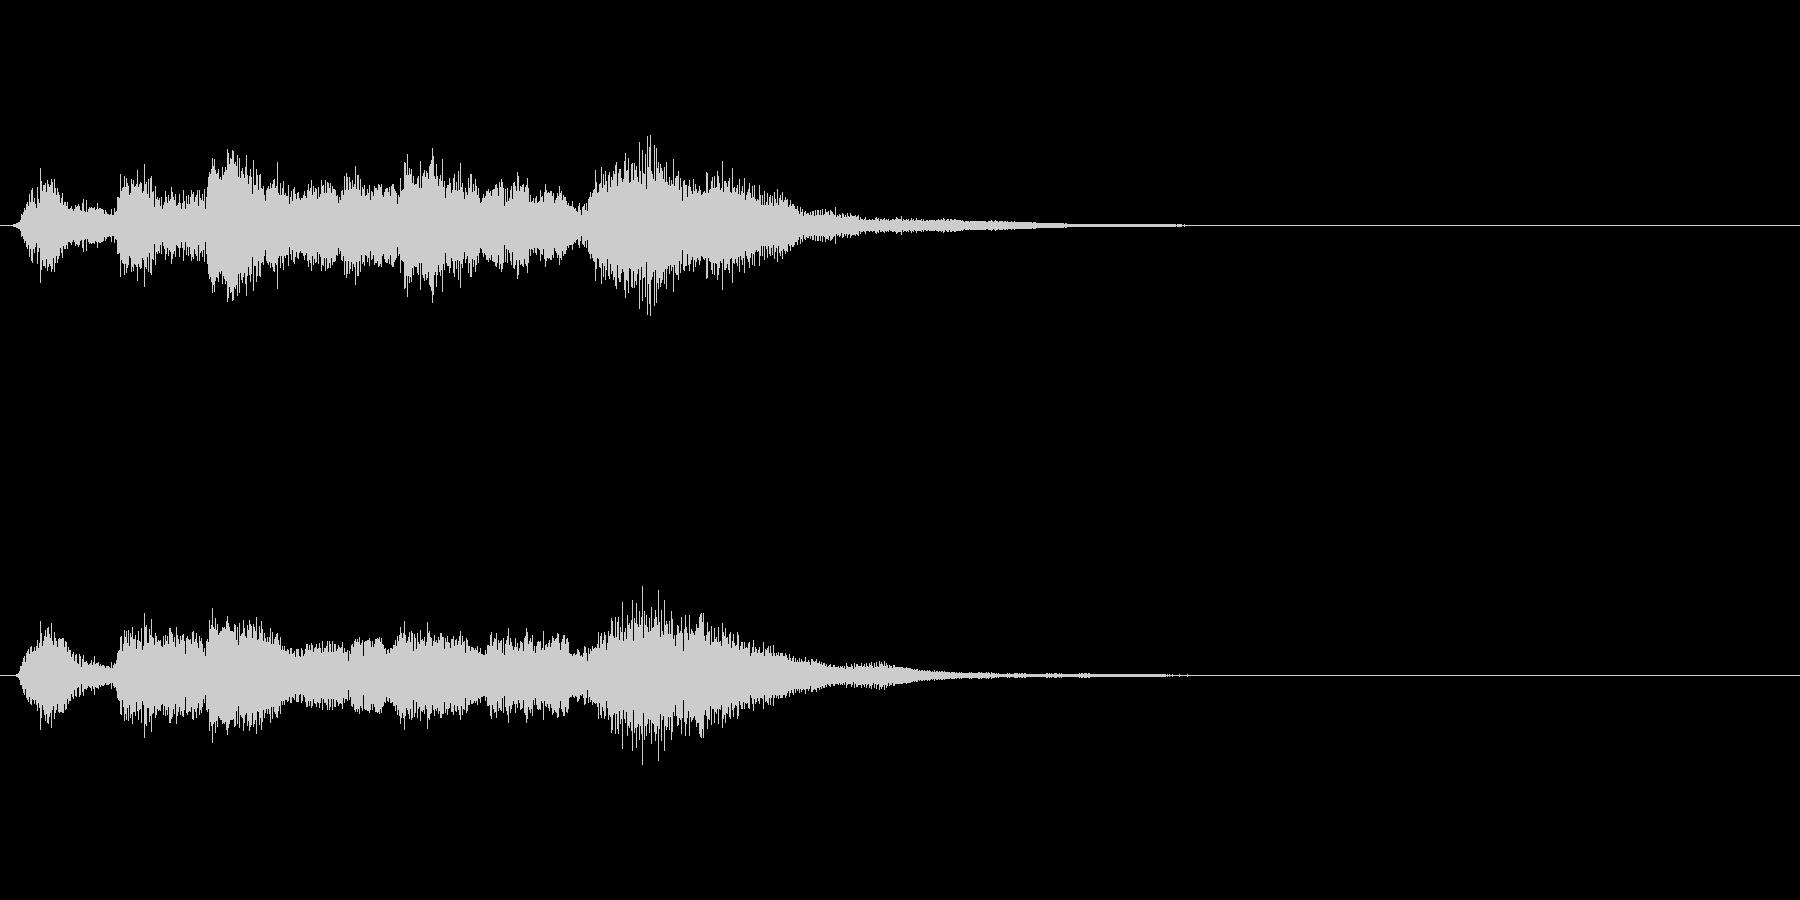 フルート等による可愛いファンファーレの未再生の波形